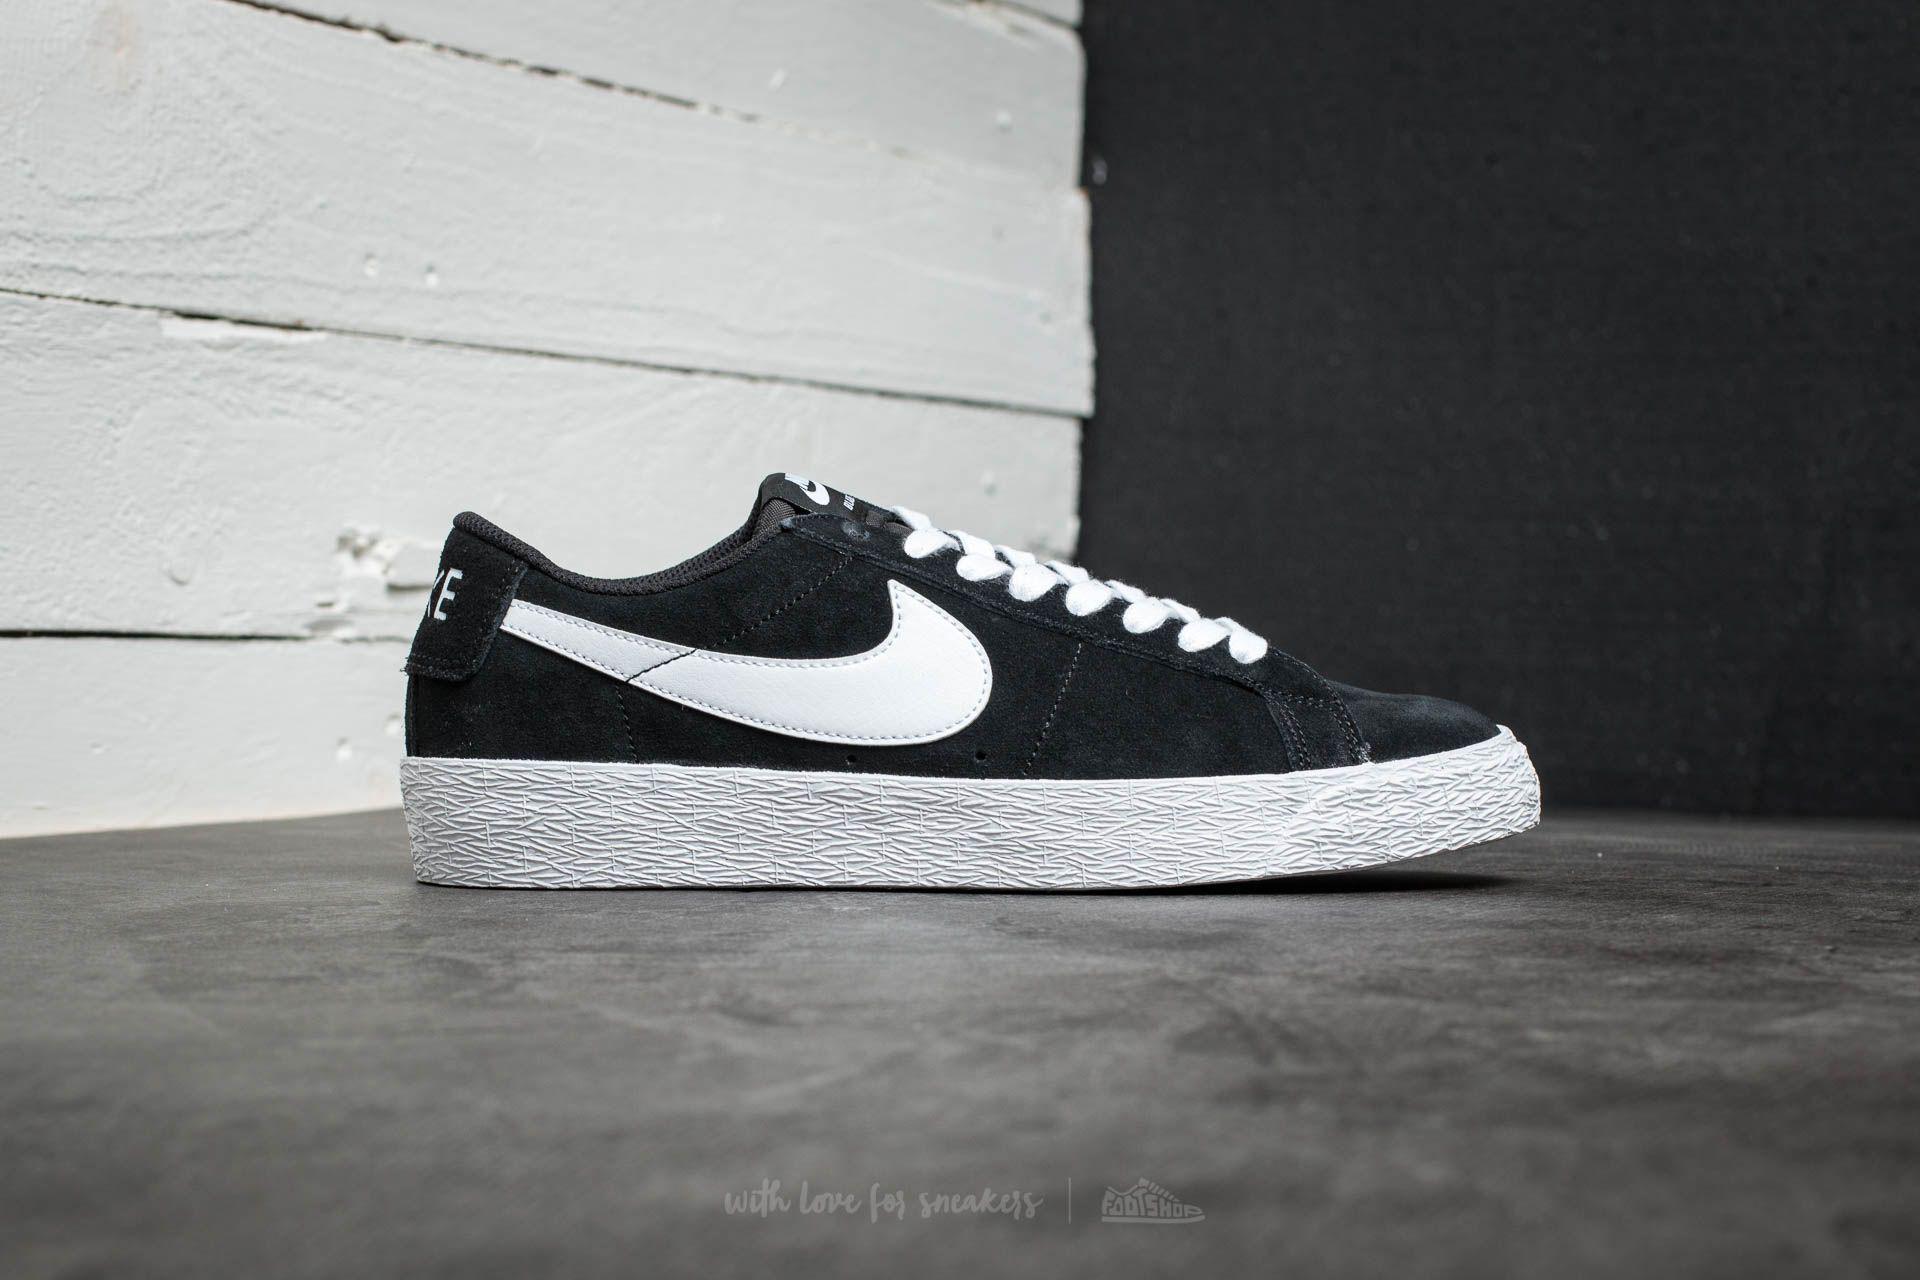 Nike Sb Blazer Zoom Low Skateboarding Shoe in Black for Men - Lyst